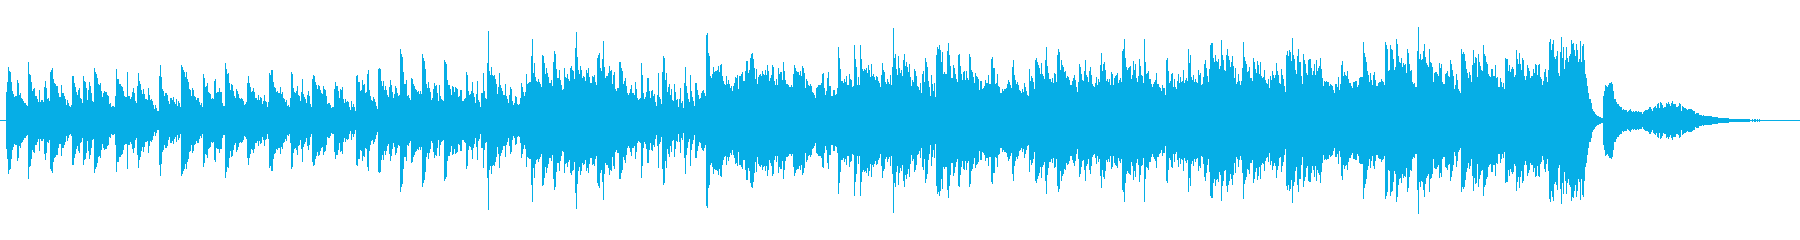 シンプルでゆったり・のどかな日常BGMの再生済みの波形